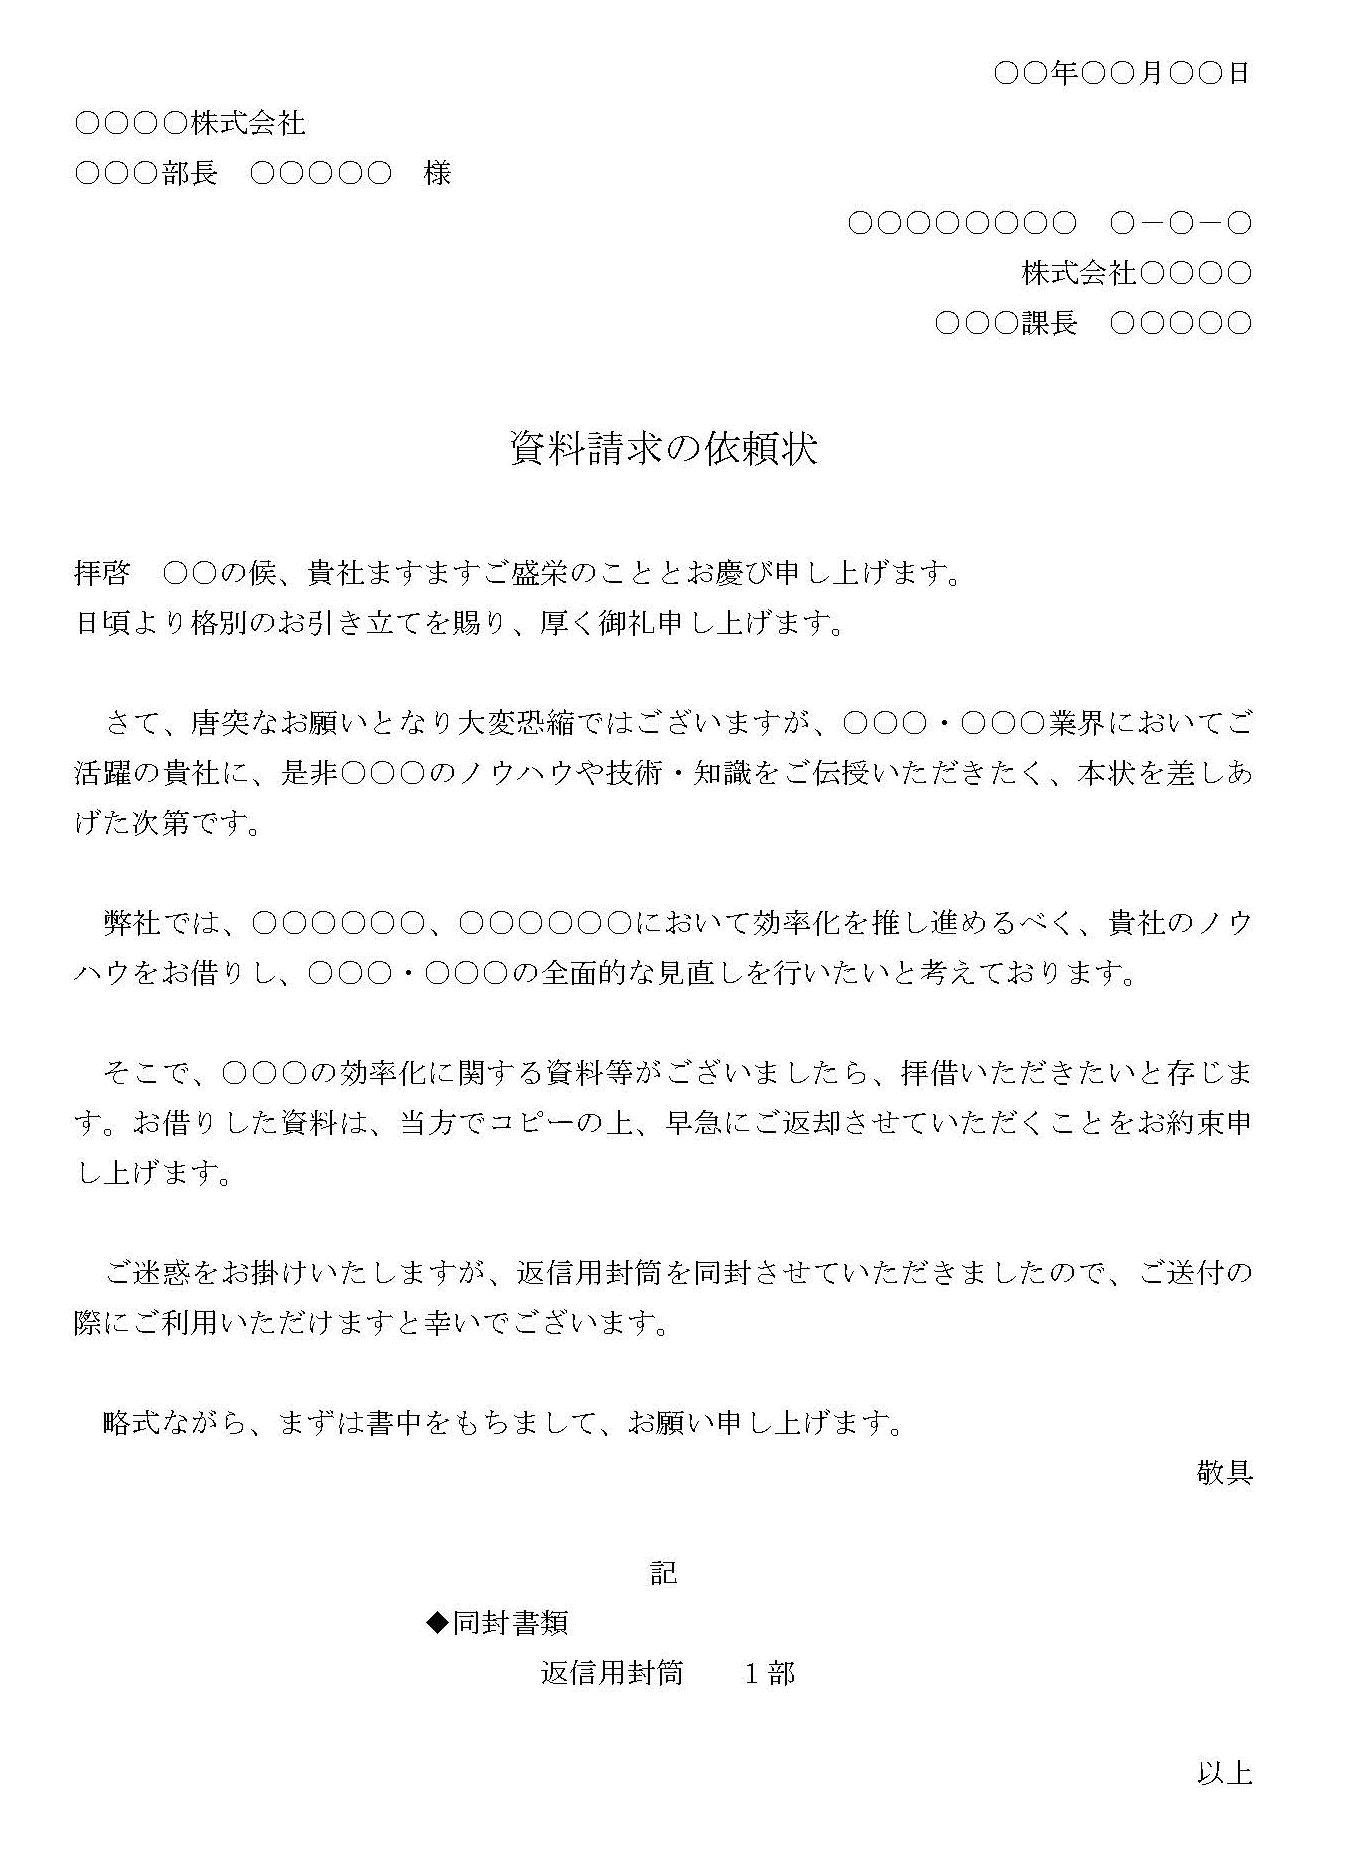 依頼状(資料請求)04